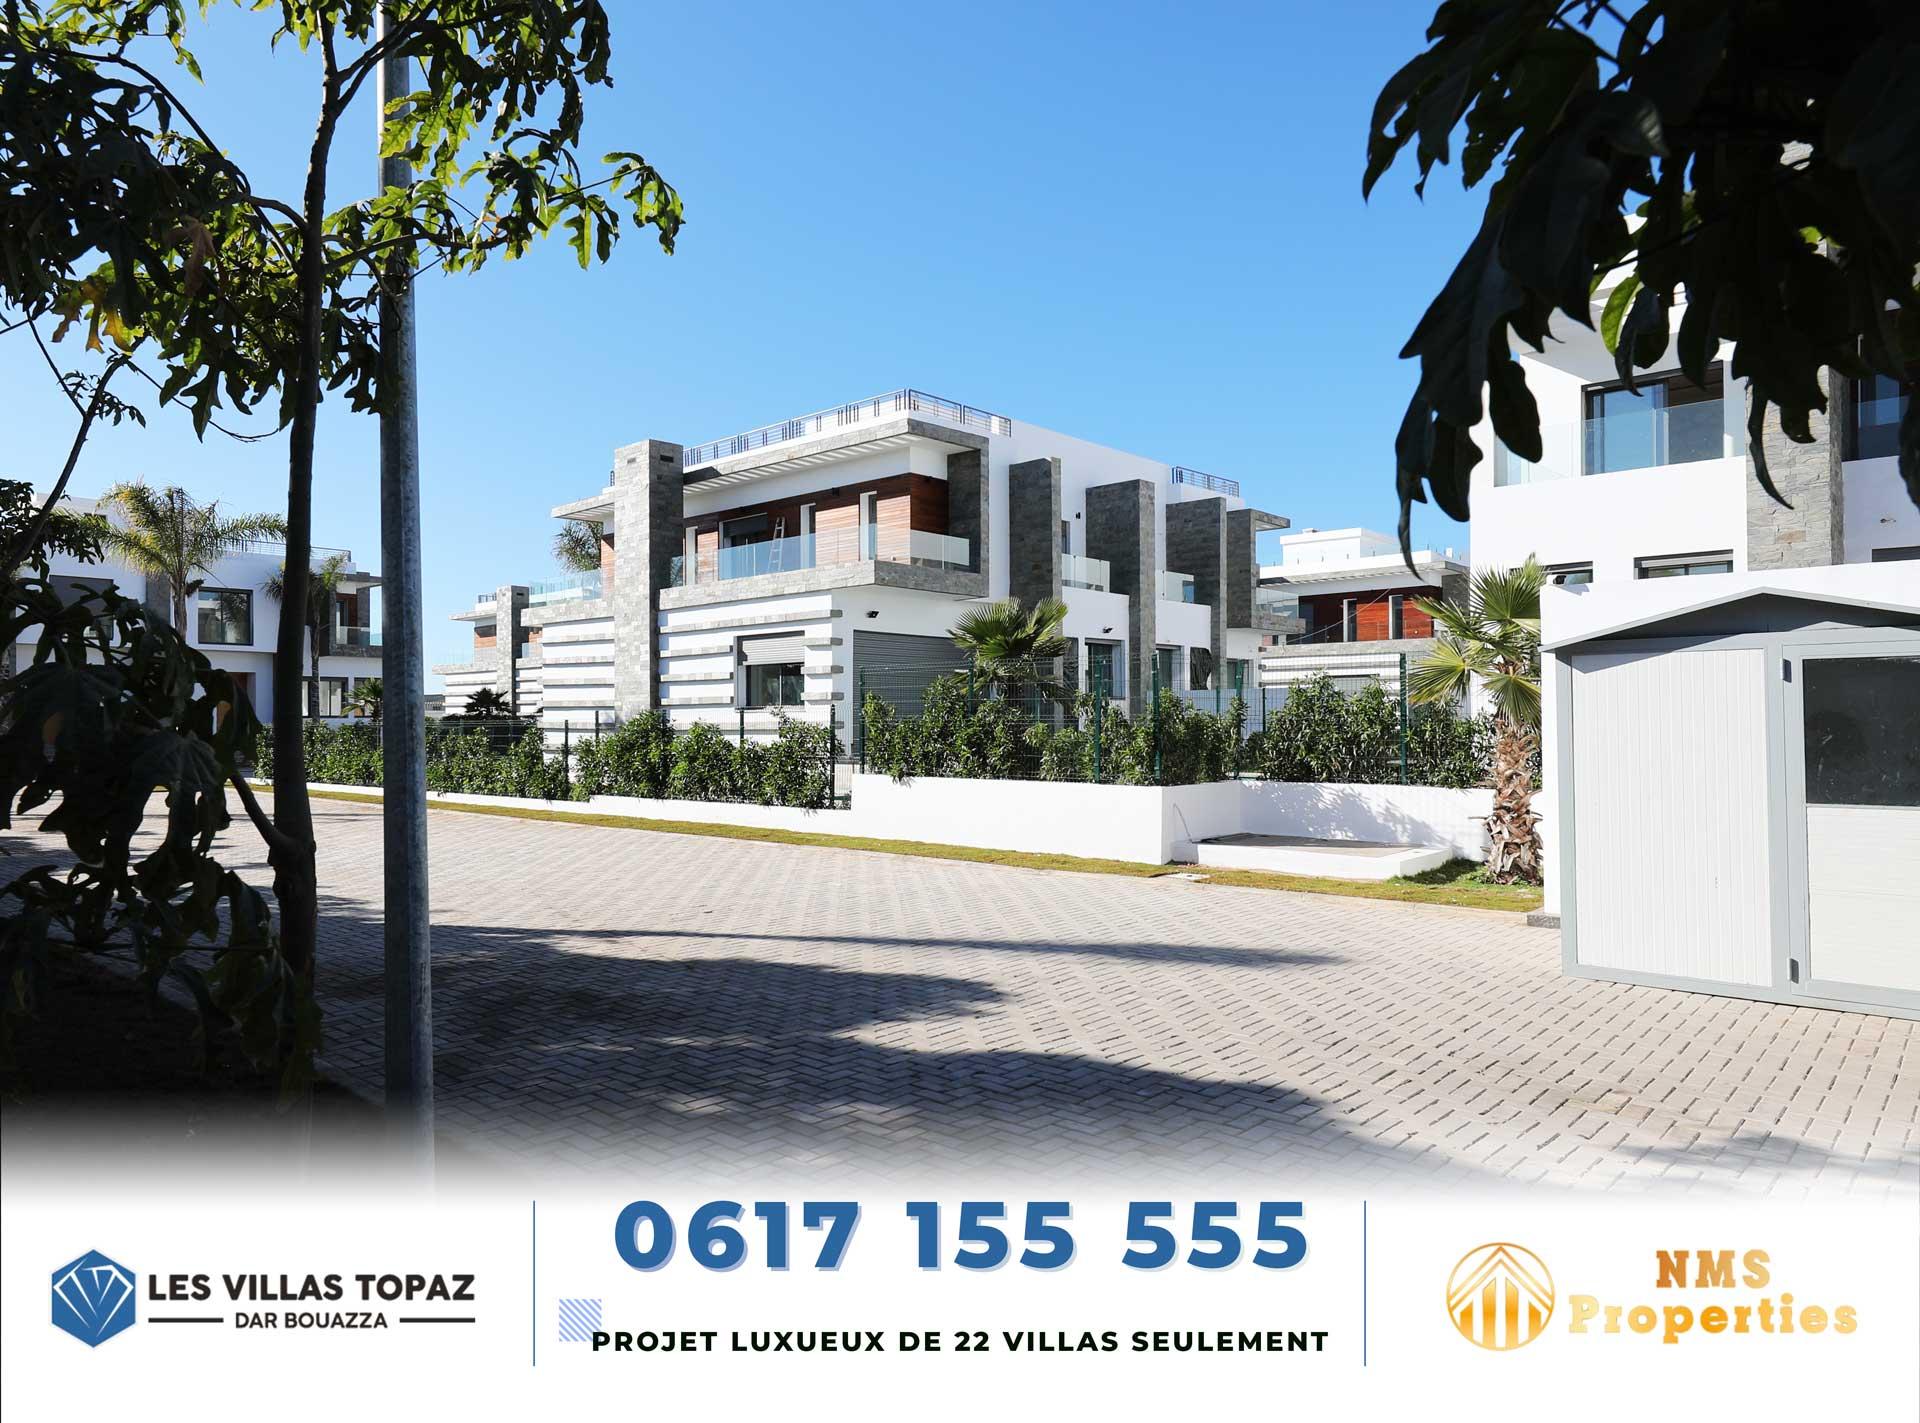 iCom-Agence-de-Communication-au-Maroc-Casablanca-creation-audiovisuelle-et-production-video-nms-villas-topaz2020-05-24 at 3.49.58 PM 18